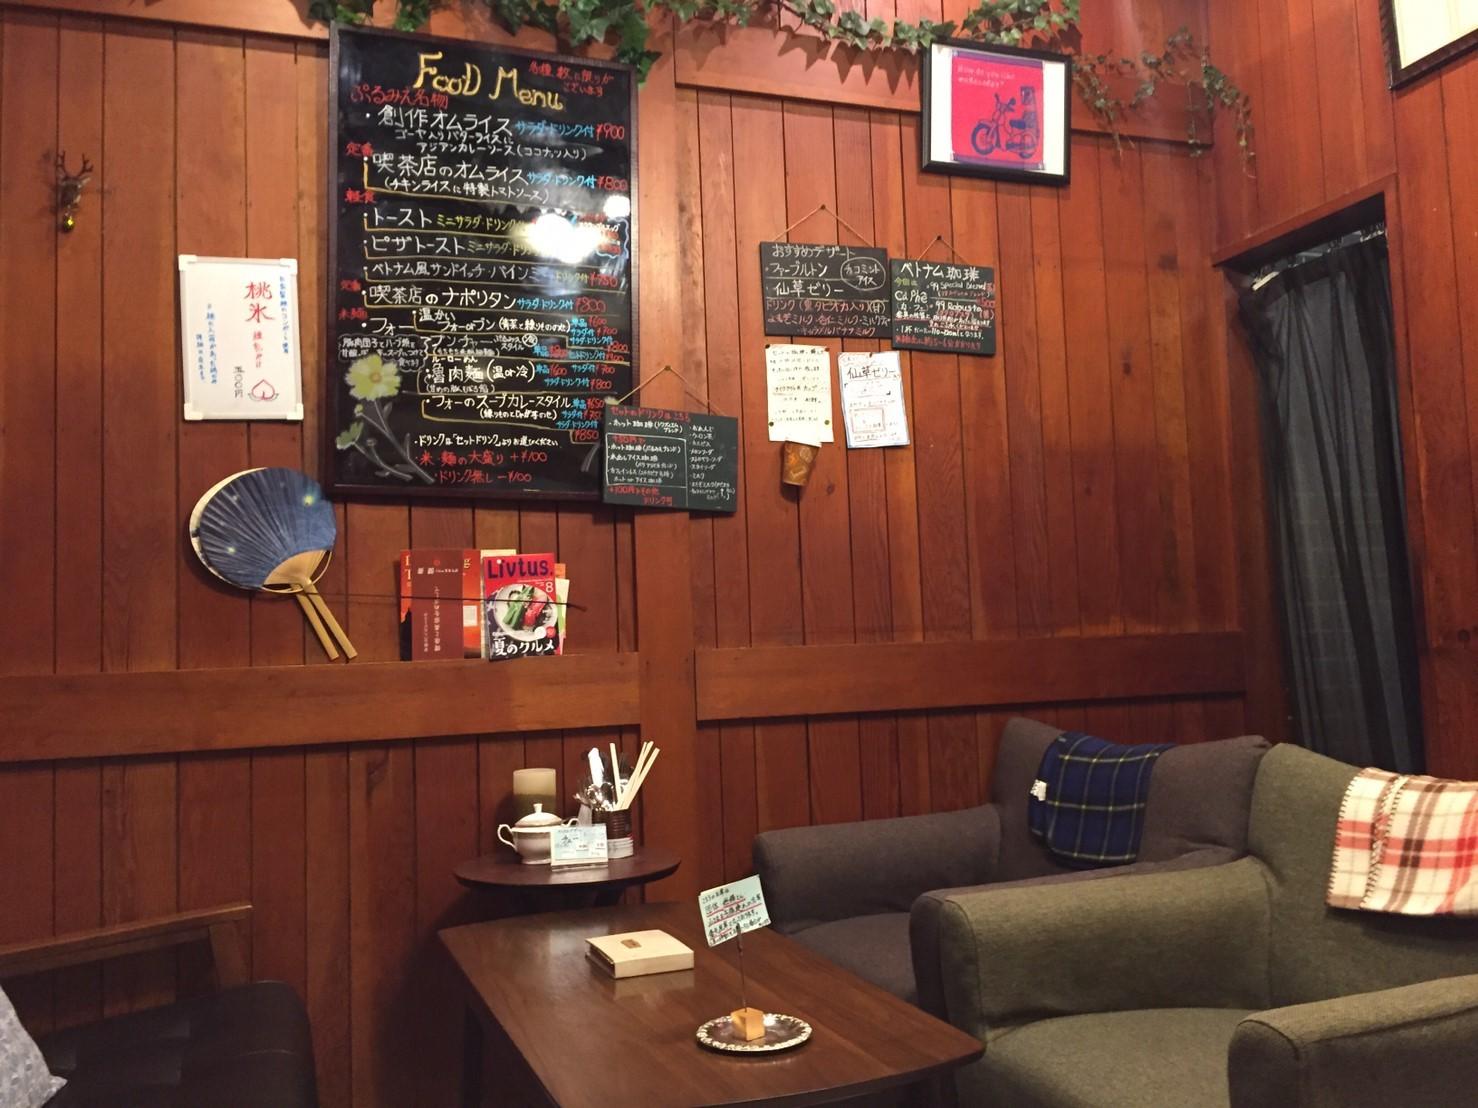 喫茶 1er ぷるみえ (ゴーヤ入りバターライスにアジアンカレーソースココナッツ入り)_e0115904_01564881.jpg